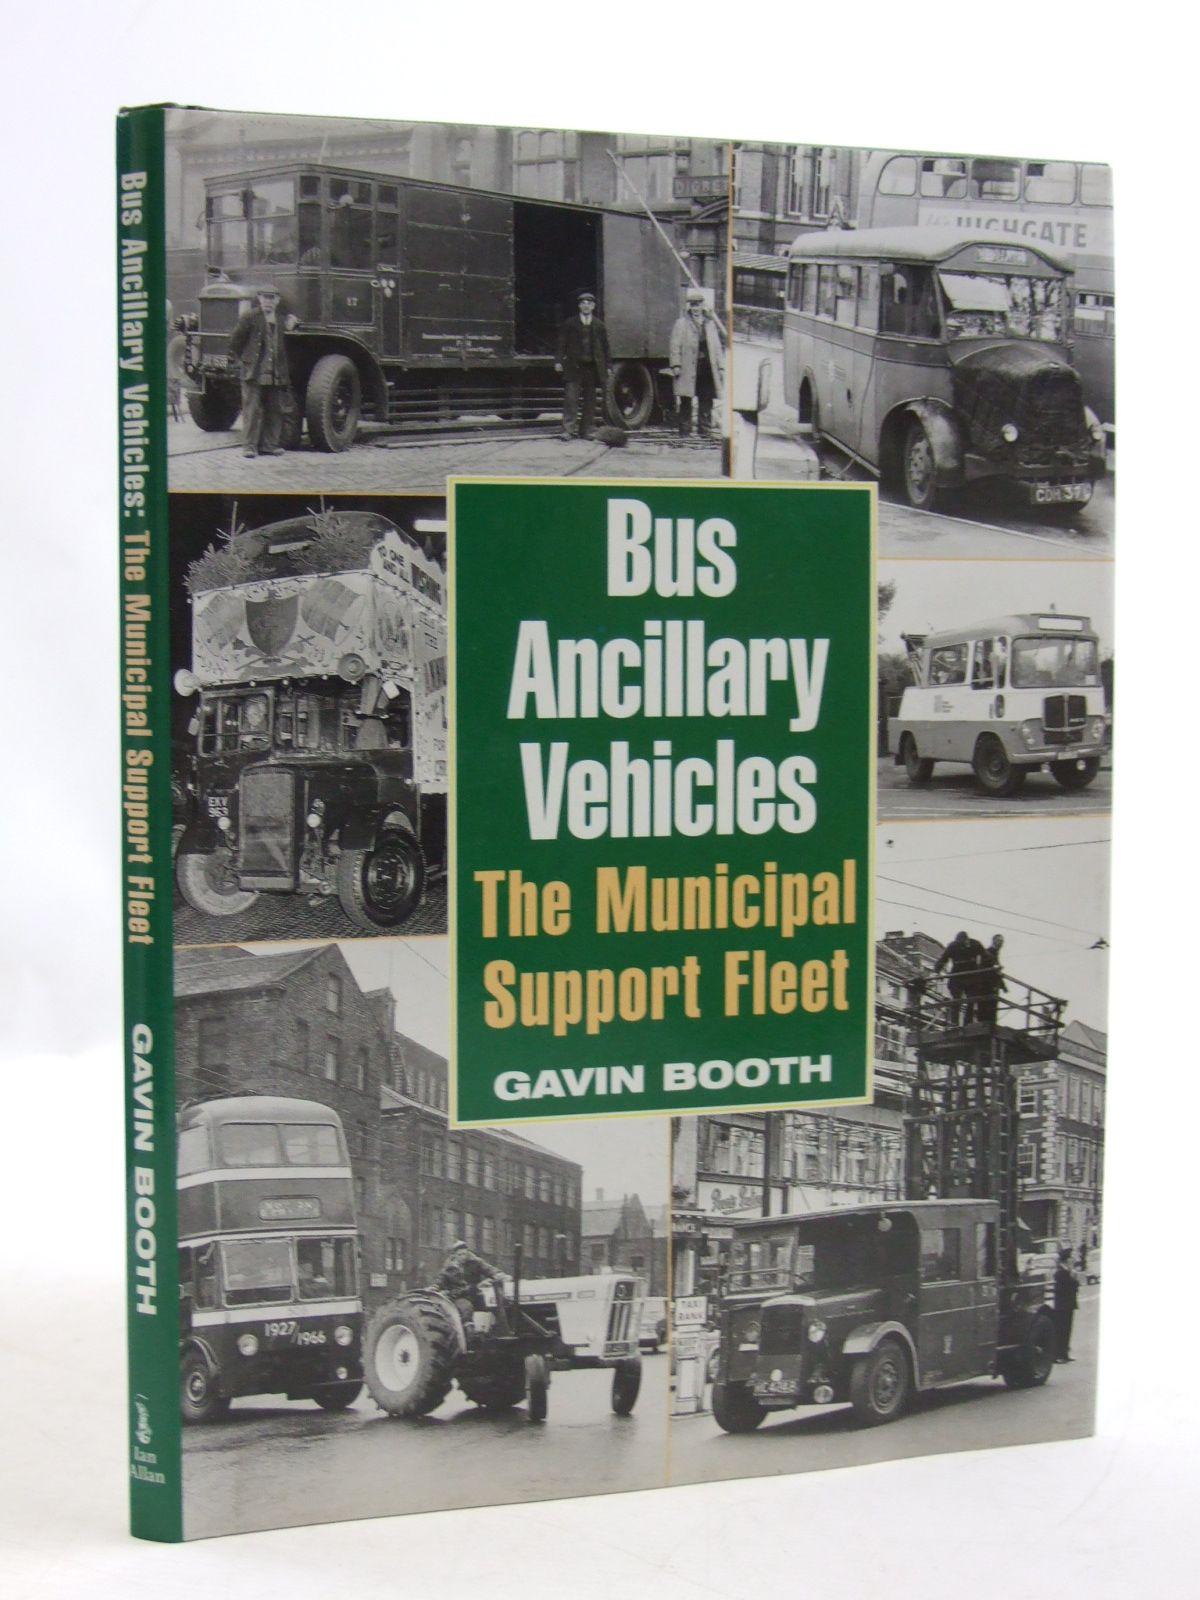 BUS ANCILLARY VEHICLES THE MUNICIPAL SUPPORT FLEET written